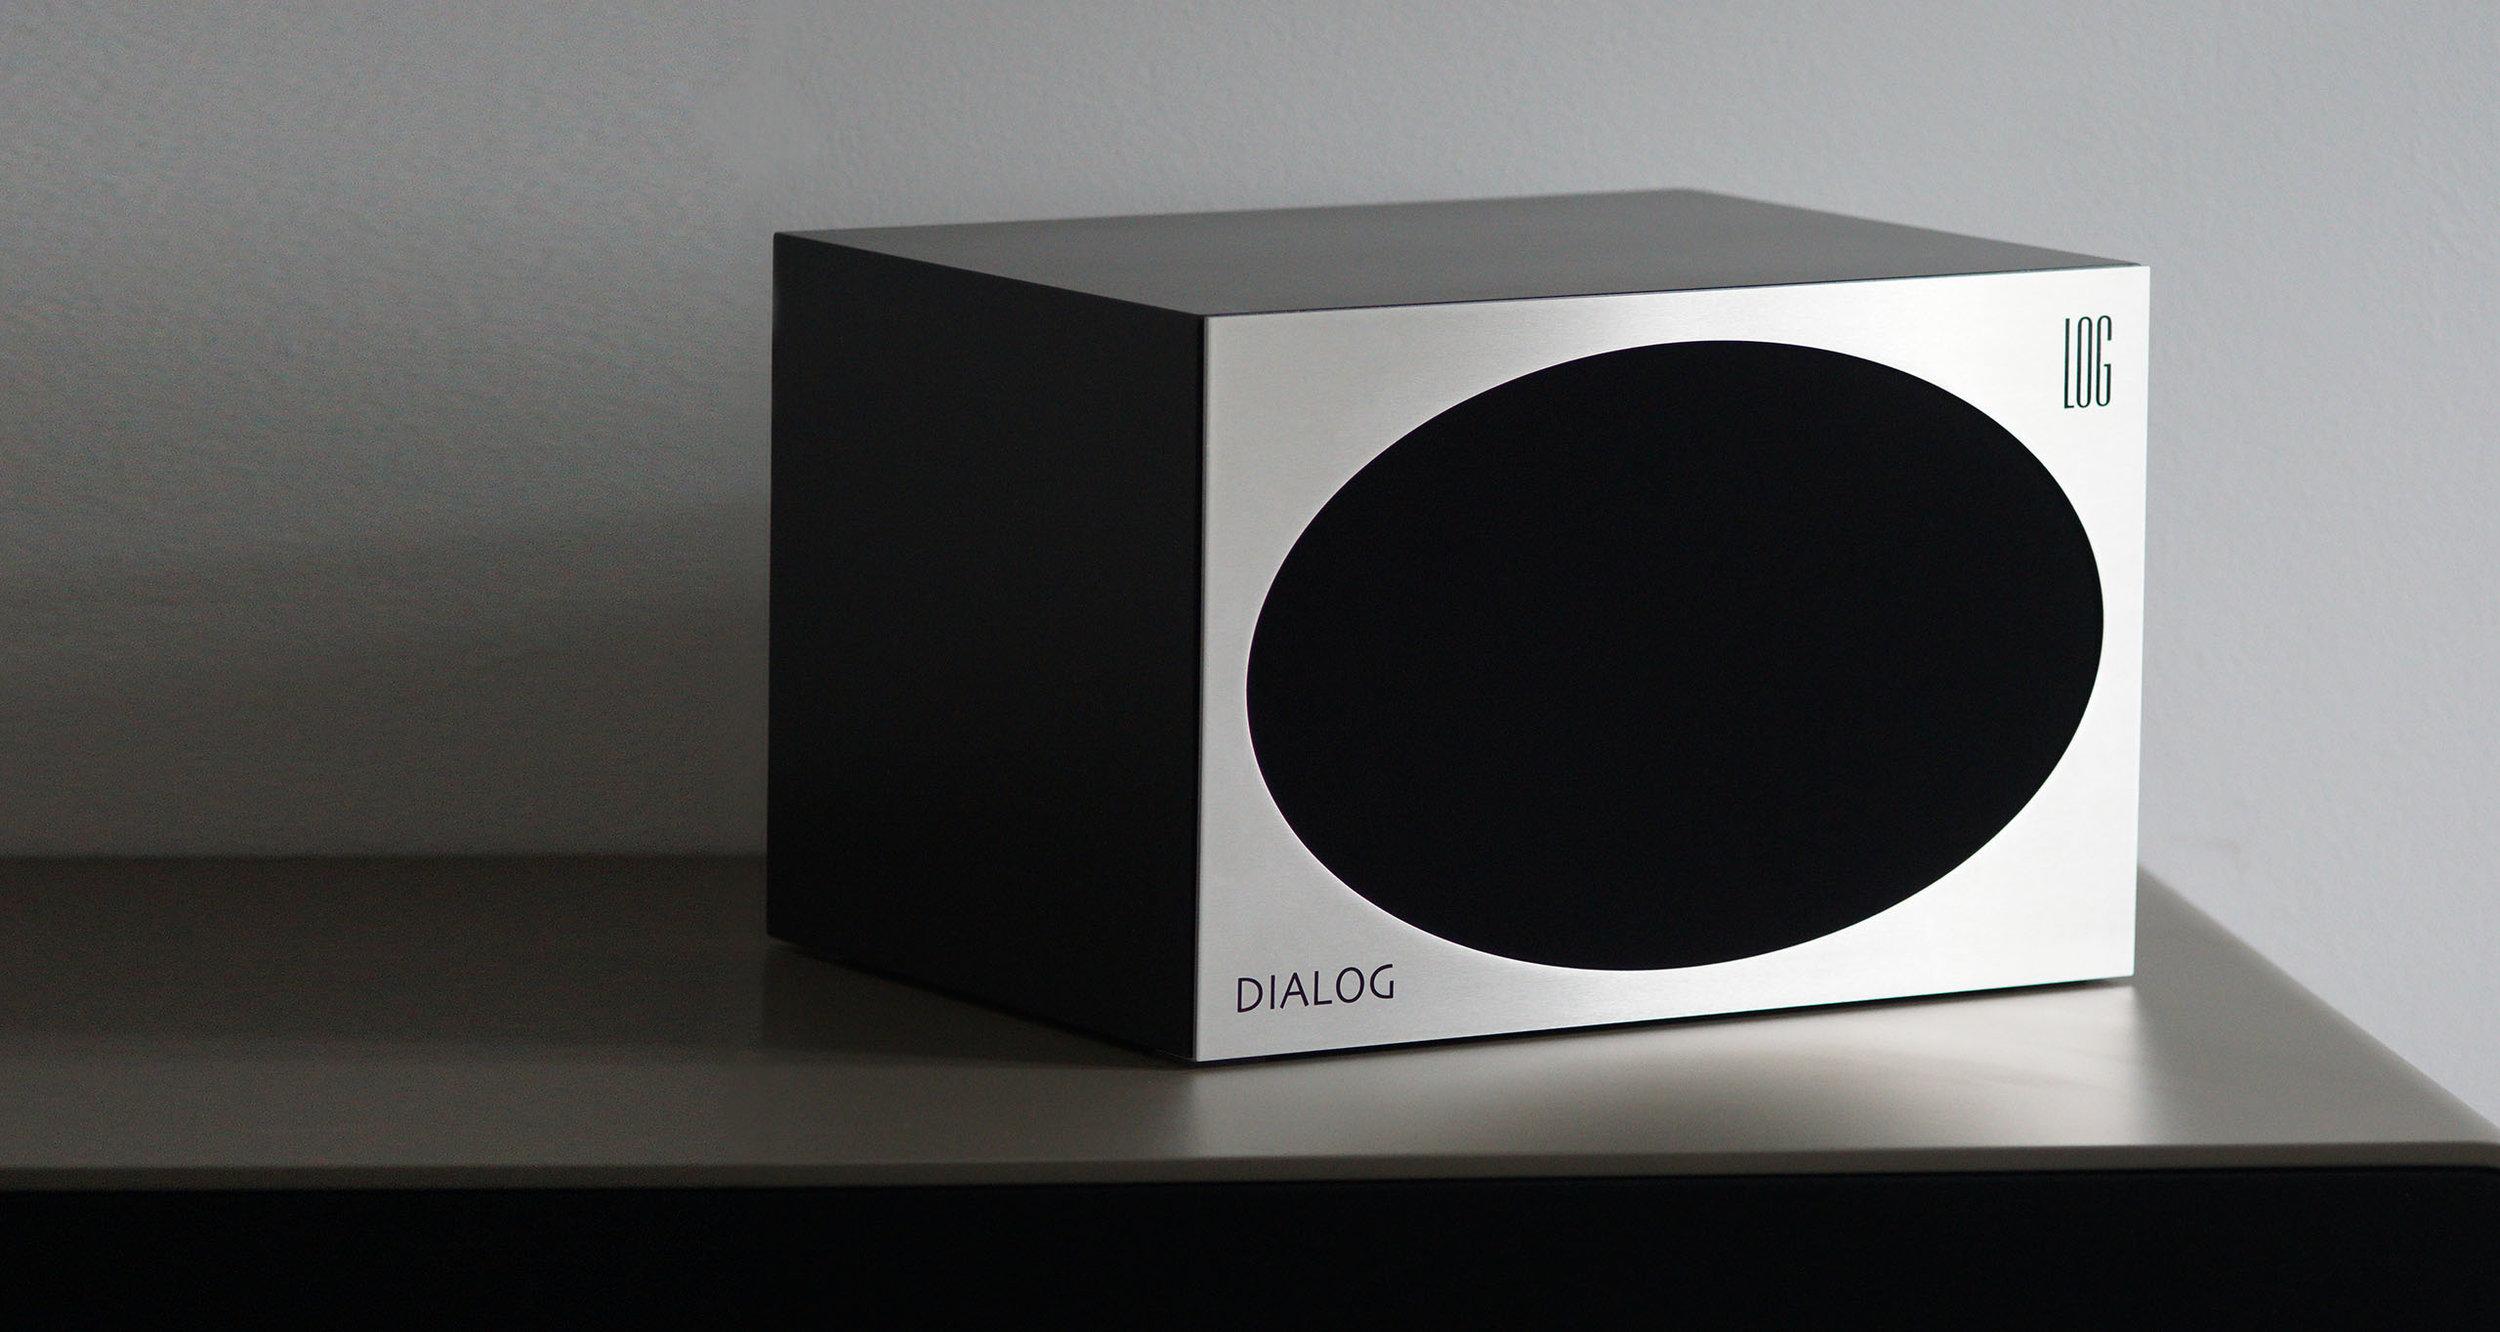 Dialog_dunkel.jpg